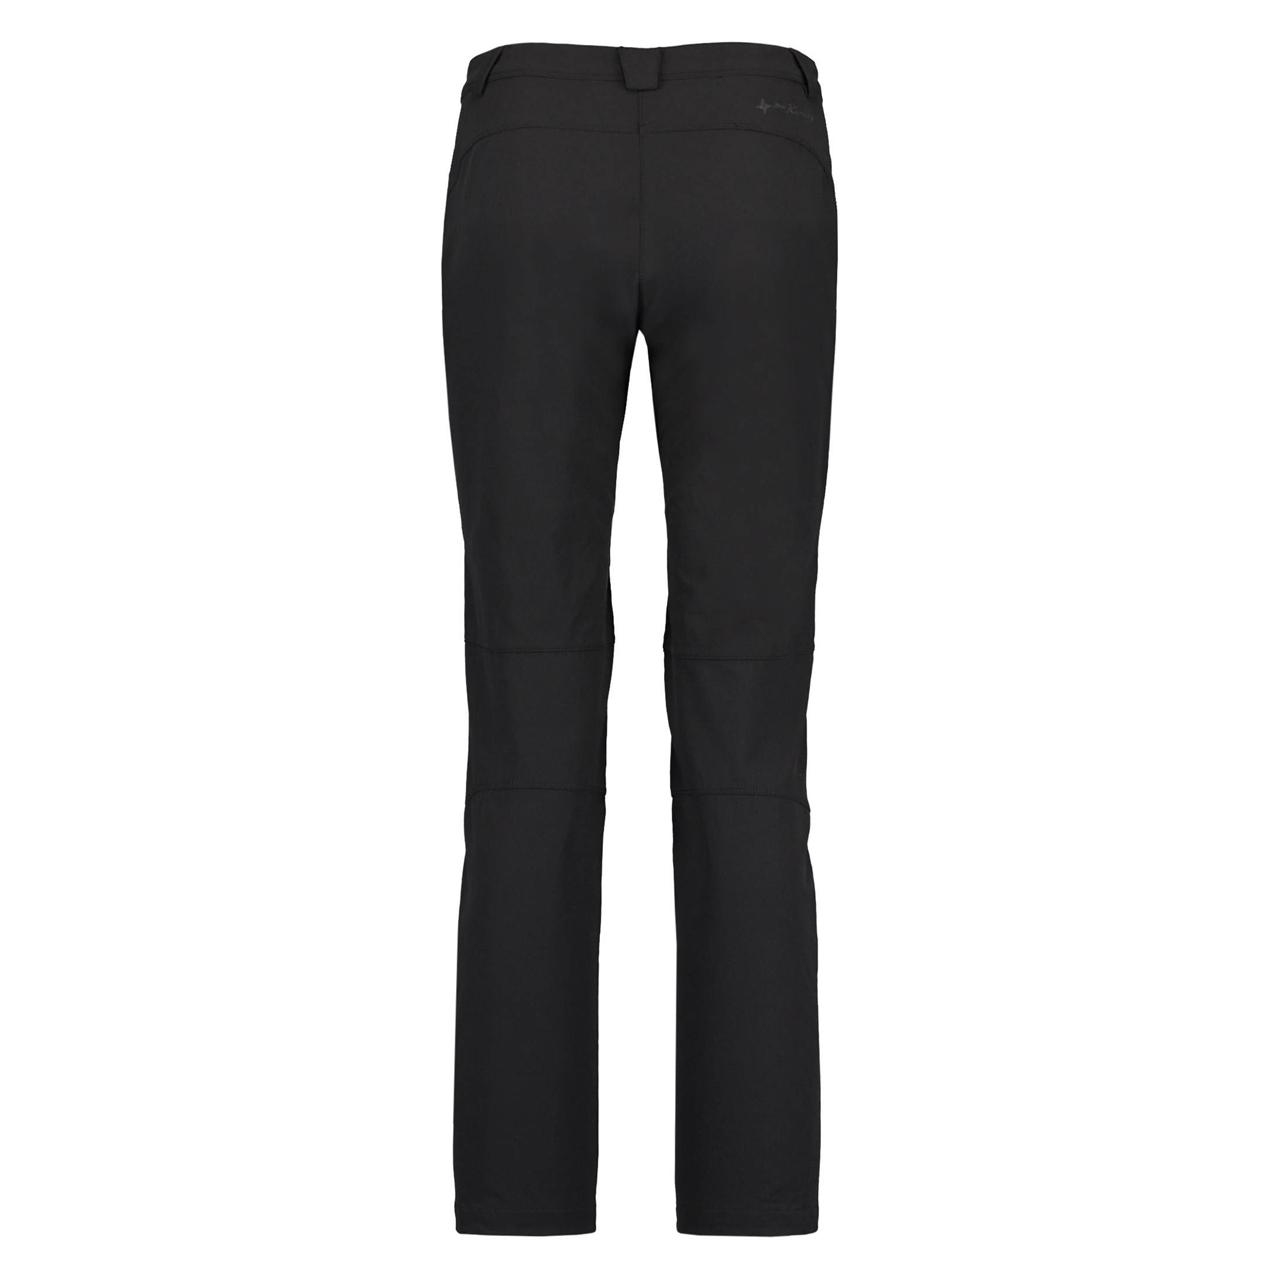 neueste Kollektion beste Angebote für wie man kauft McKINLEY Damen Wanderhose Yuba Kurzgröße